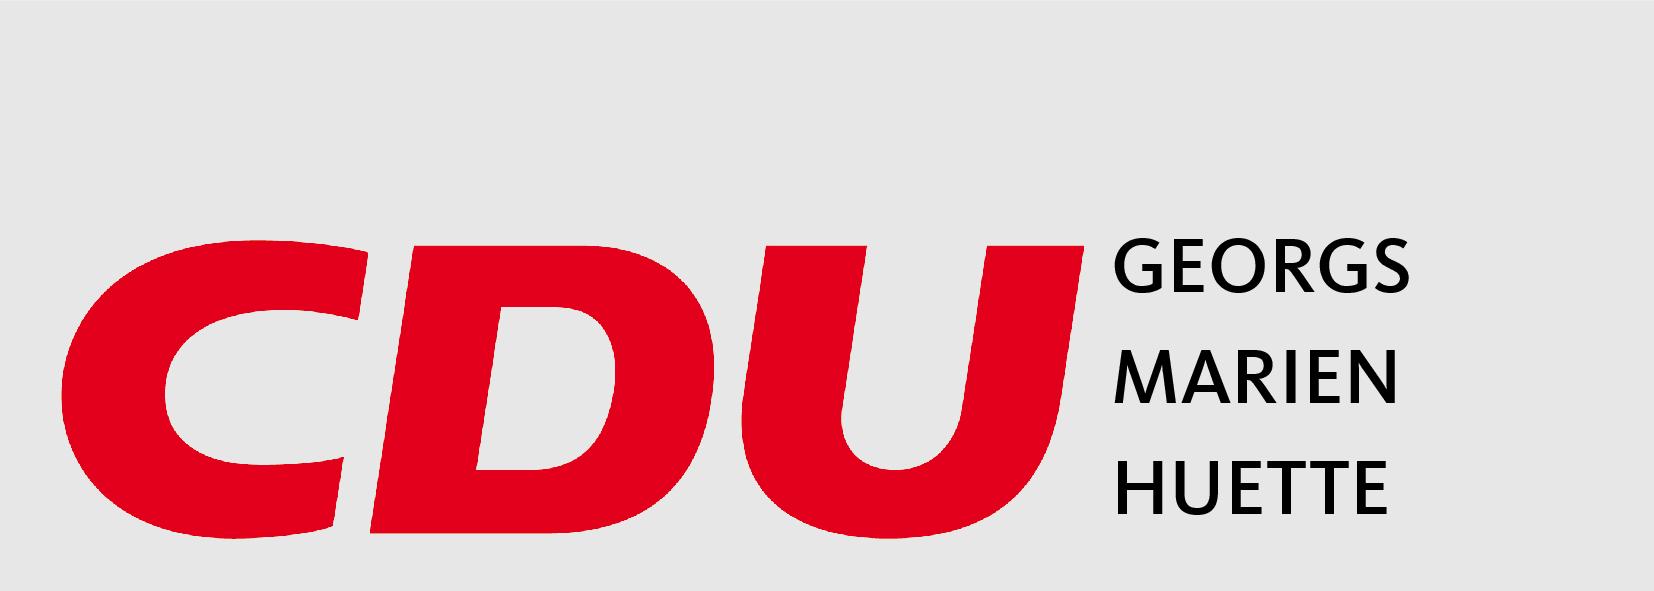 CDU-Georgsmarienhütte